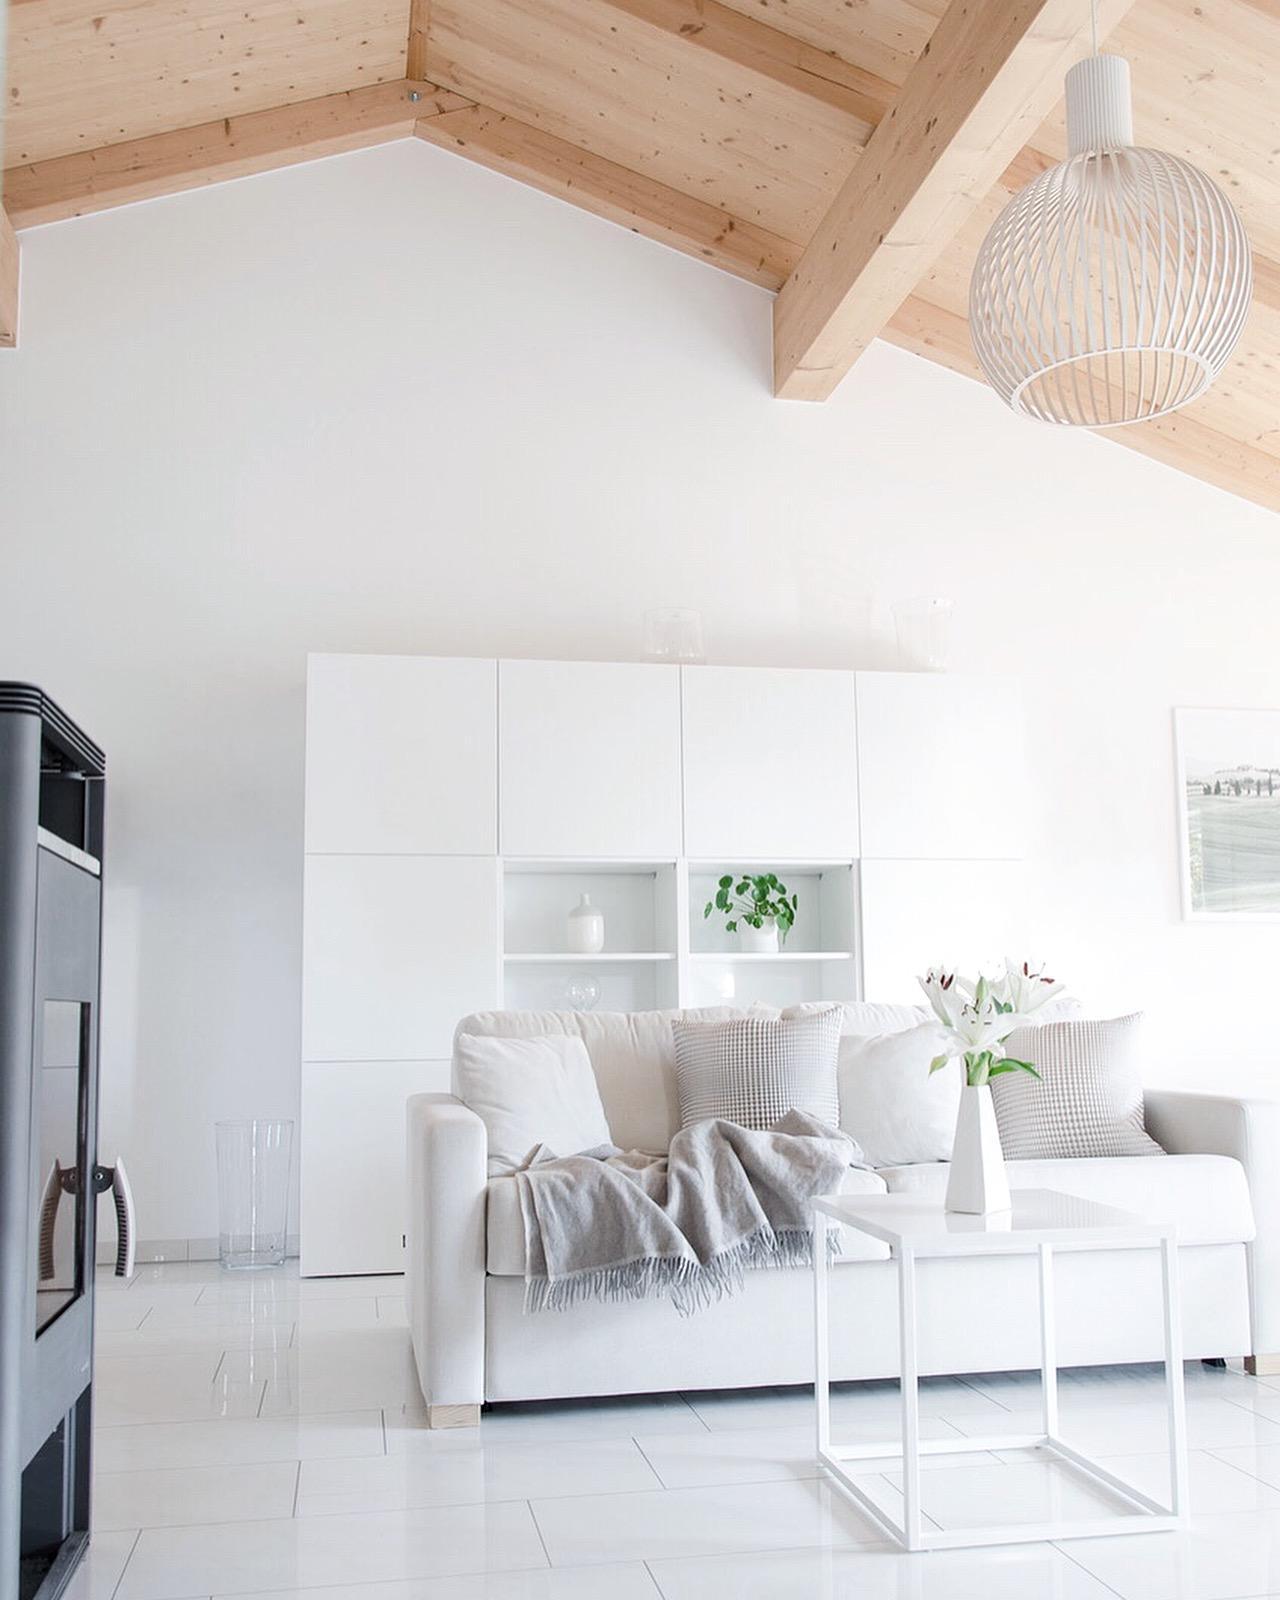 Unser Wohnzimmer Mit Der Traumhaften Deckenhoehe Minimalismus Livingabc  Interior Livingroom White Home C642a1e1 D16d 4a56 B687